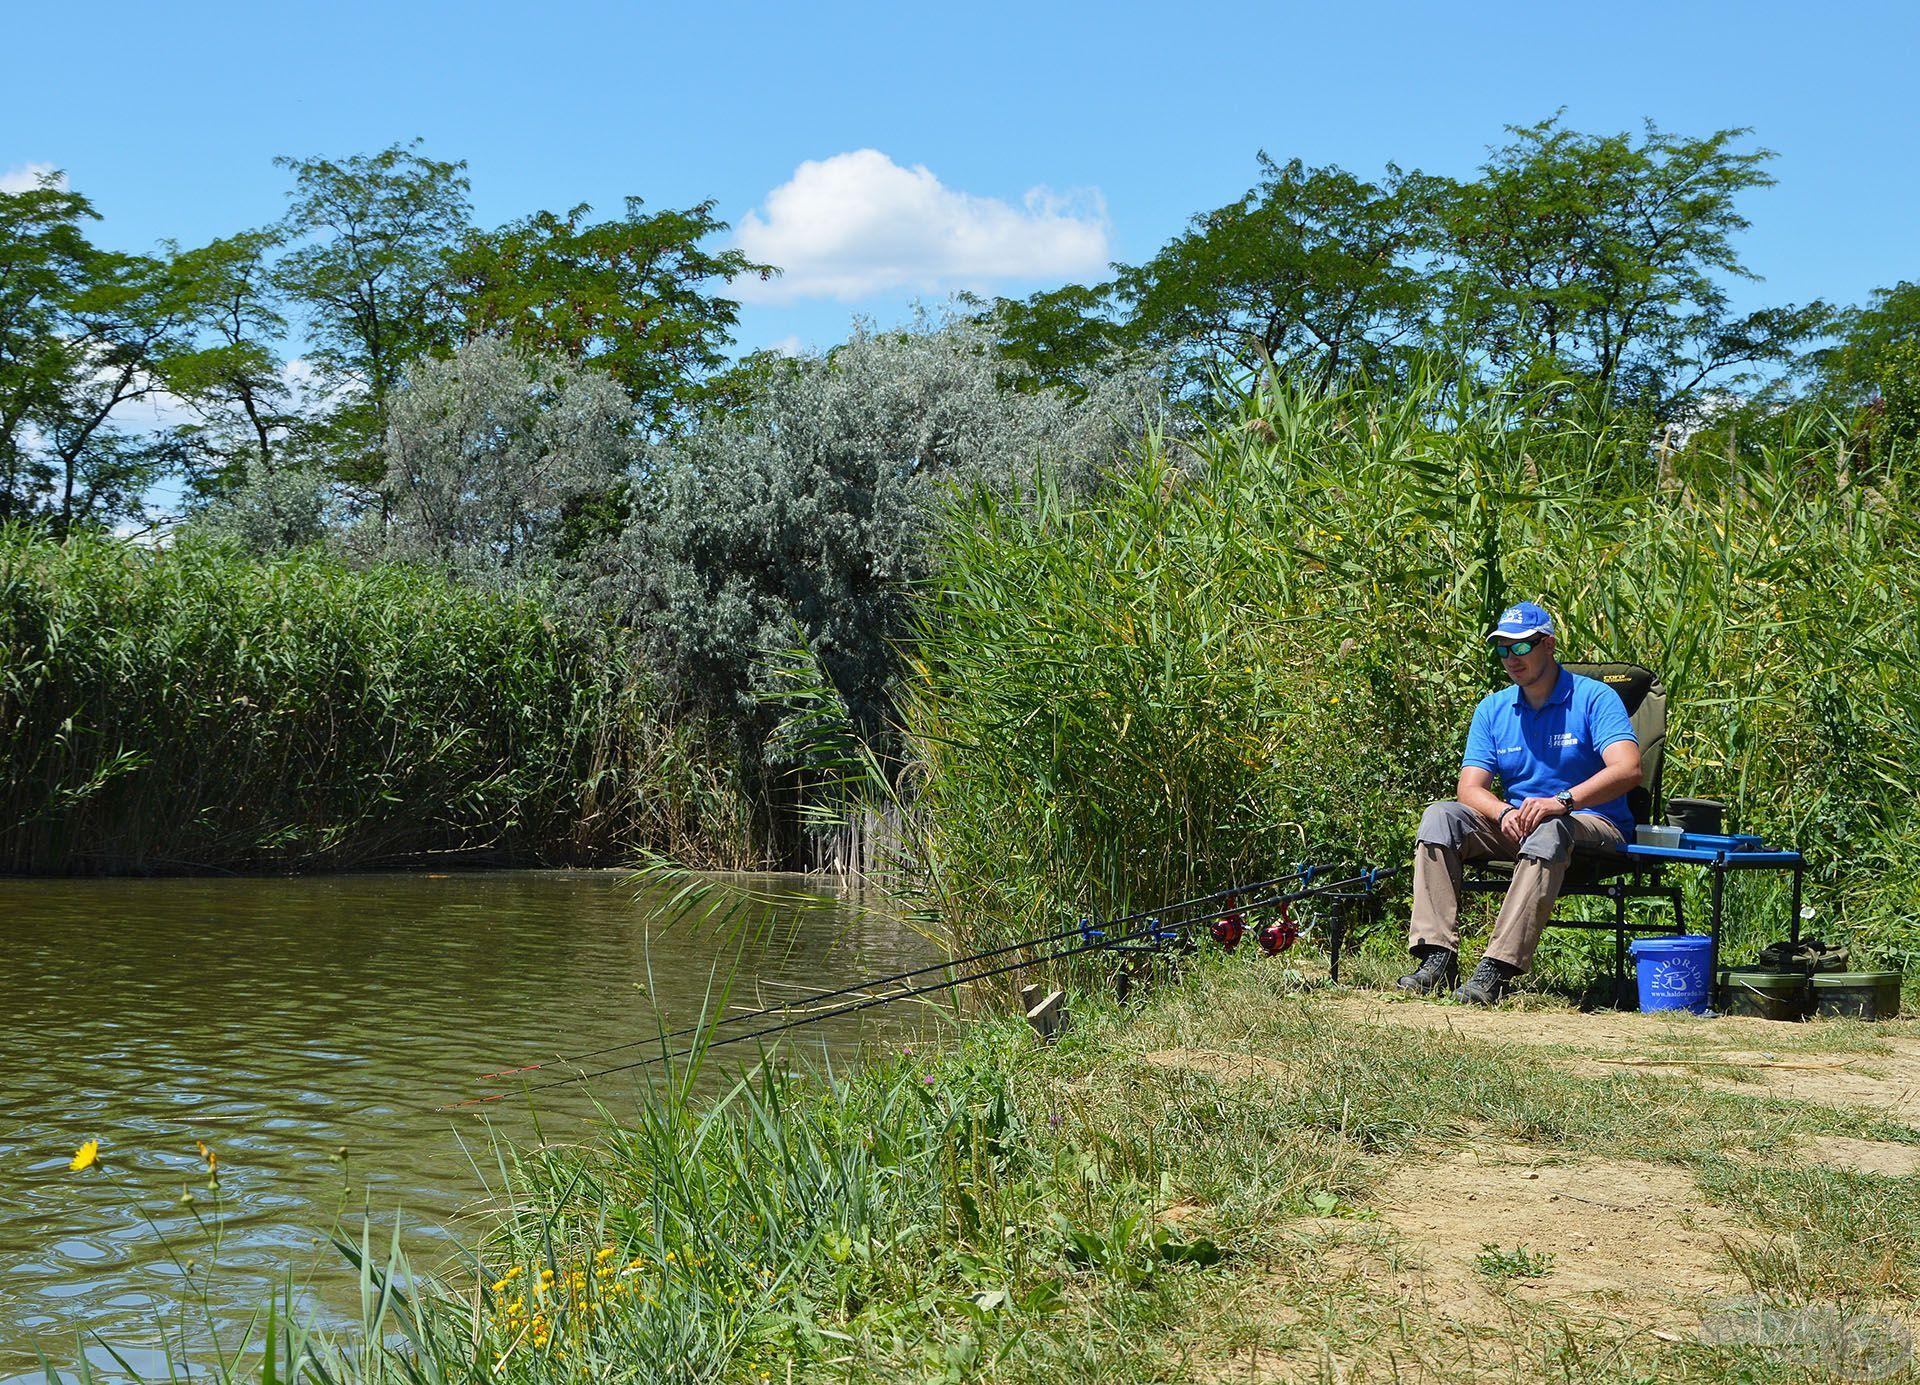 Szinte érezni a természet lüktetését, imádok ilyen helyeken horgászni!